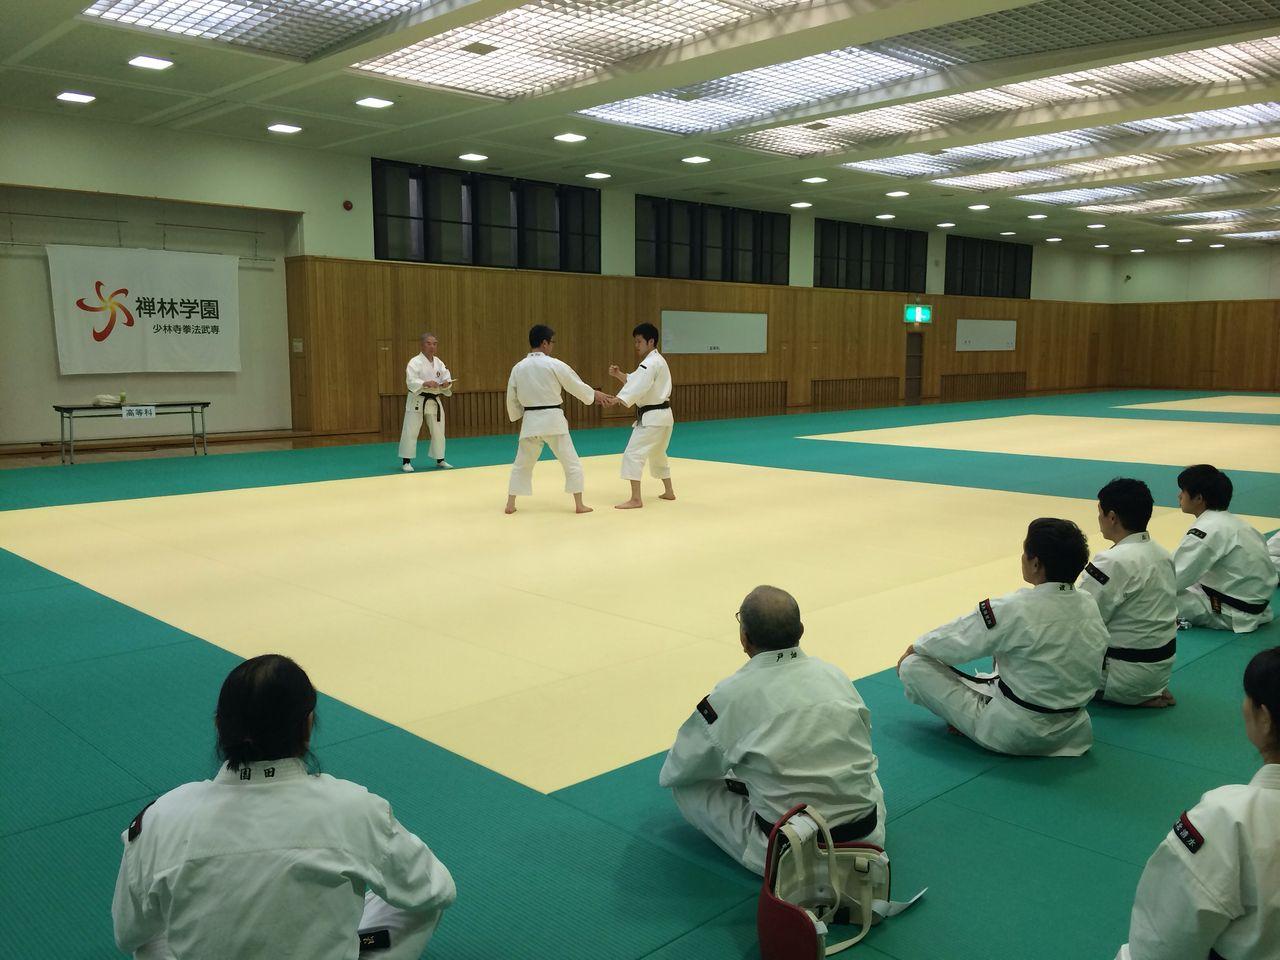 大阪府少林寺拳法連盟のblog   2014年度武道専門コース進級・修了技術審査を実施! コメント